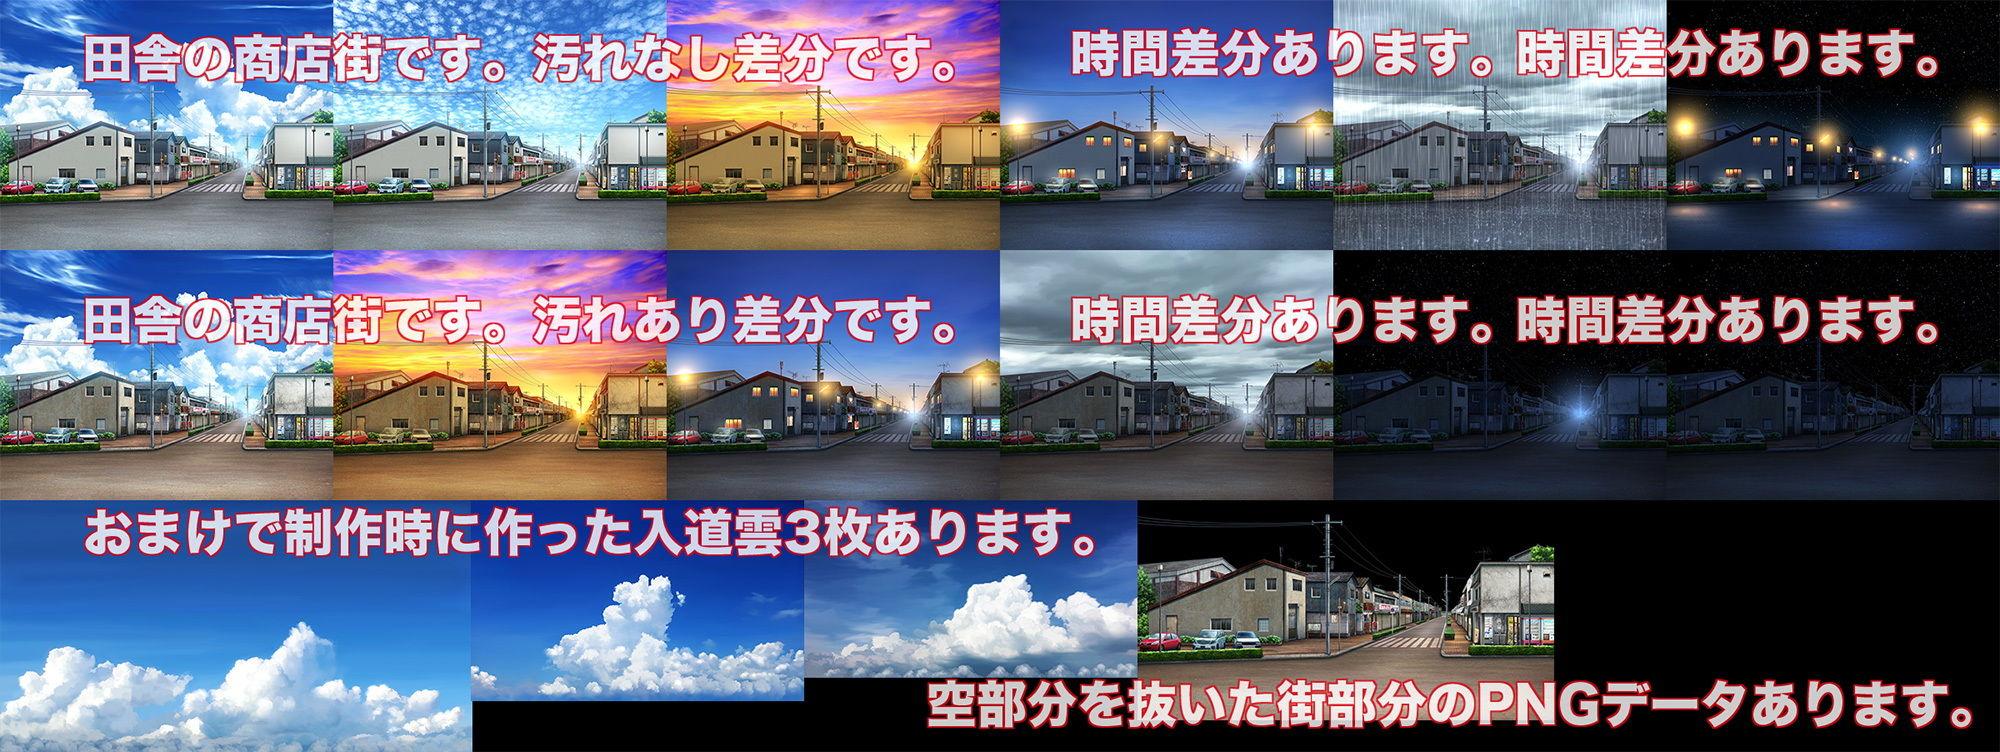 【キュキュキュのQのQ 同人】著作権フリー背景CG素材「田舎の商店街」